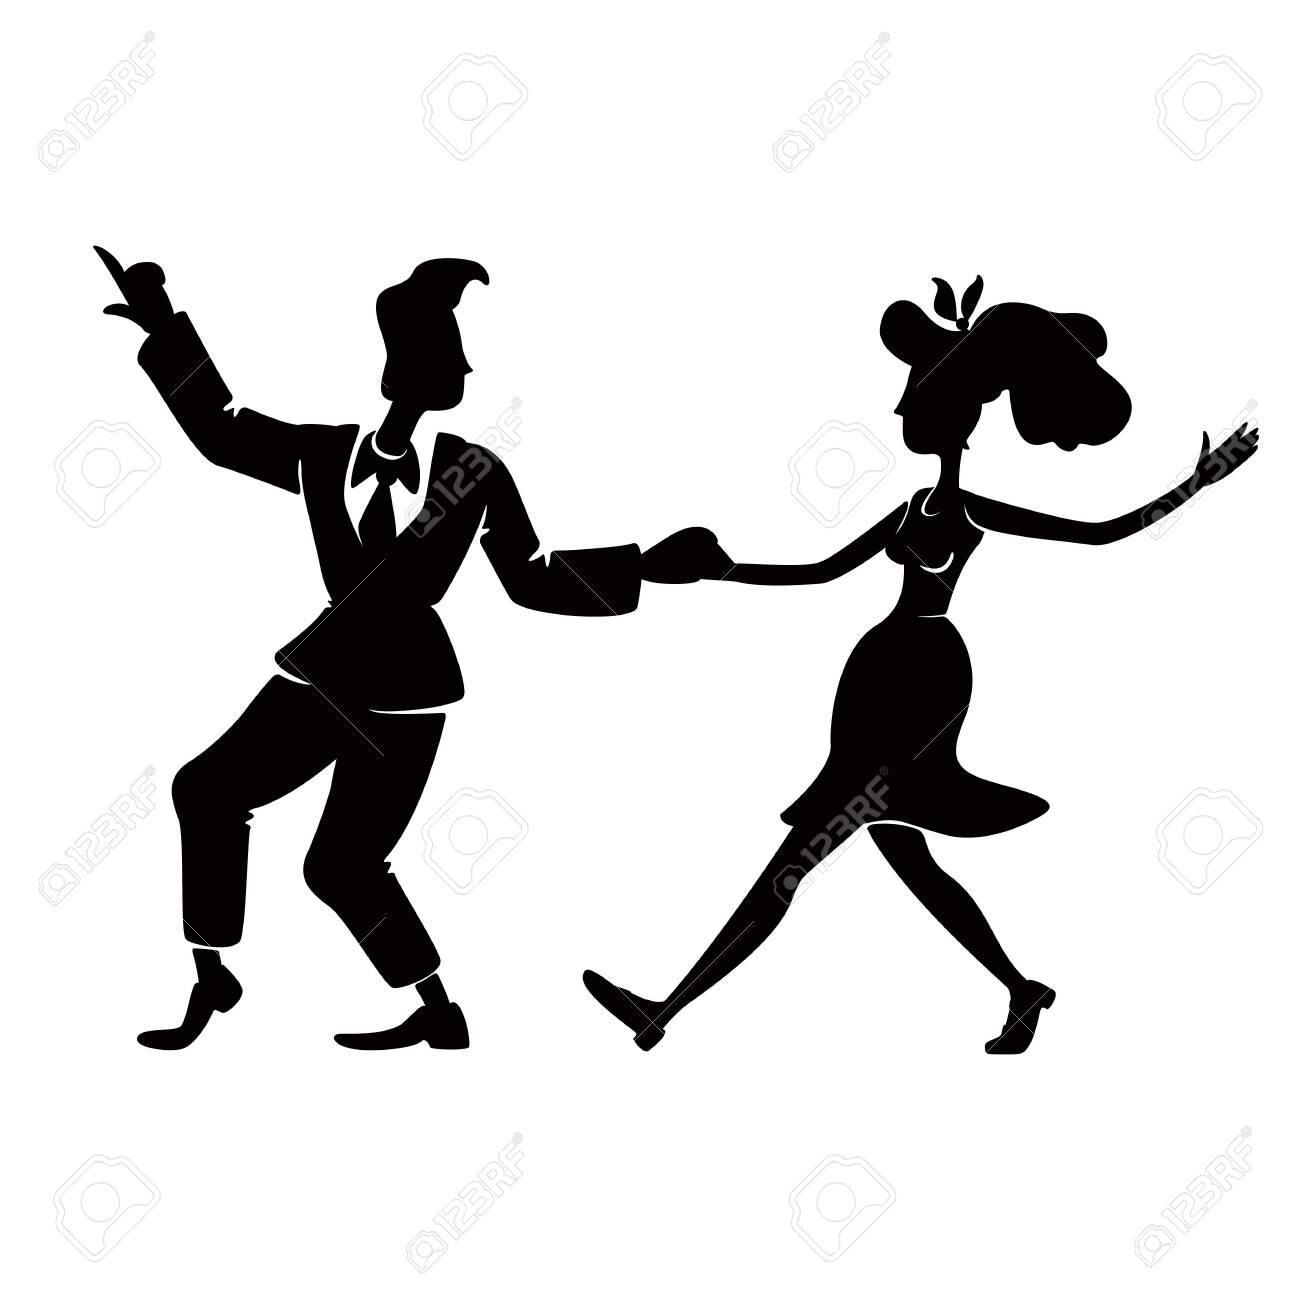 Dancing clipart vintage, Dancing vintage Transparent FREE for download on  WebStockReview 2020